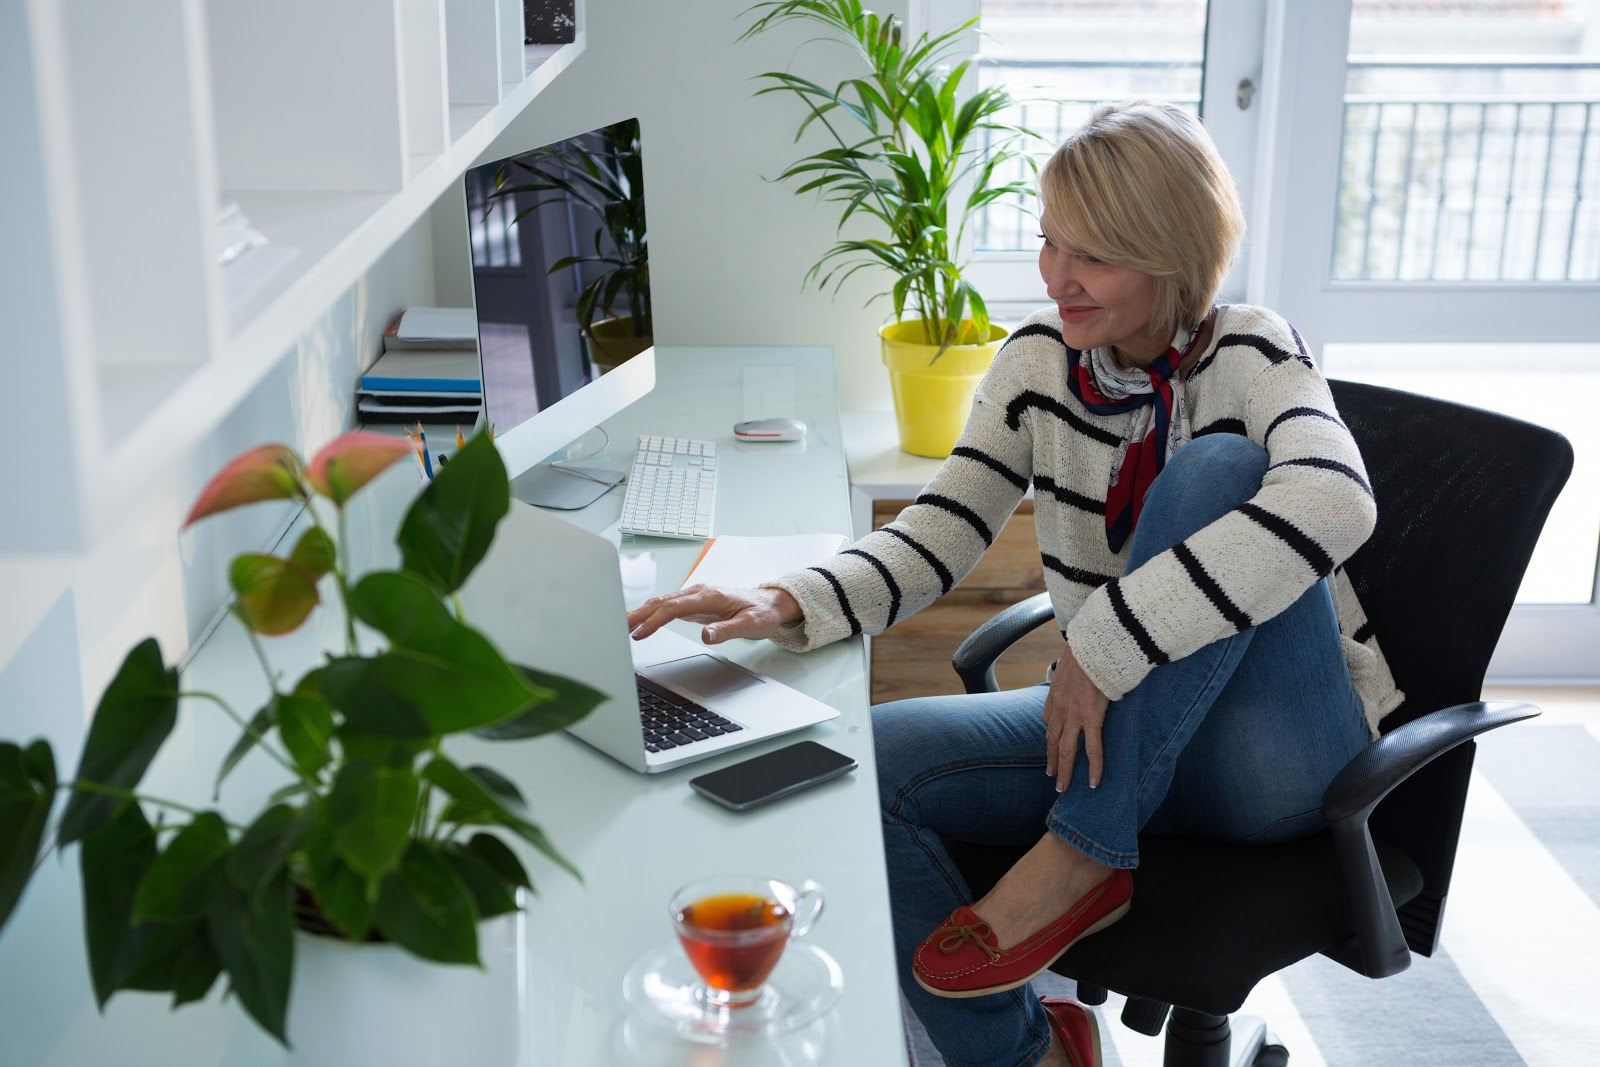 Uma mulher olhando para o computador.